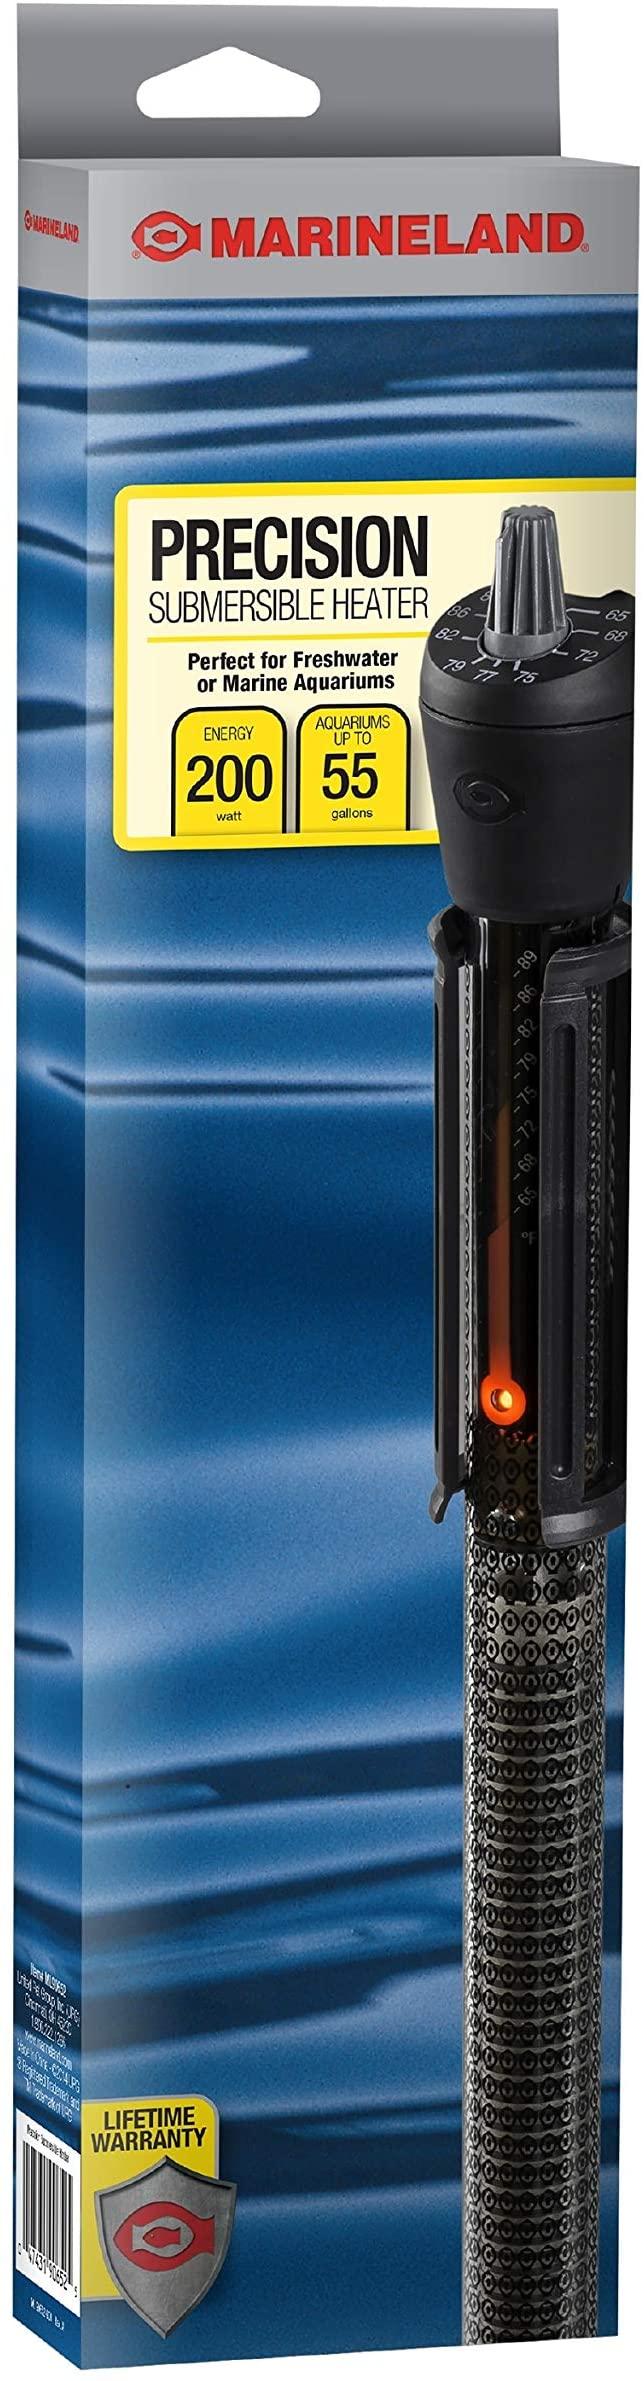 MarineLand ML90652 product image 8